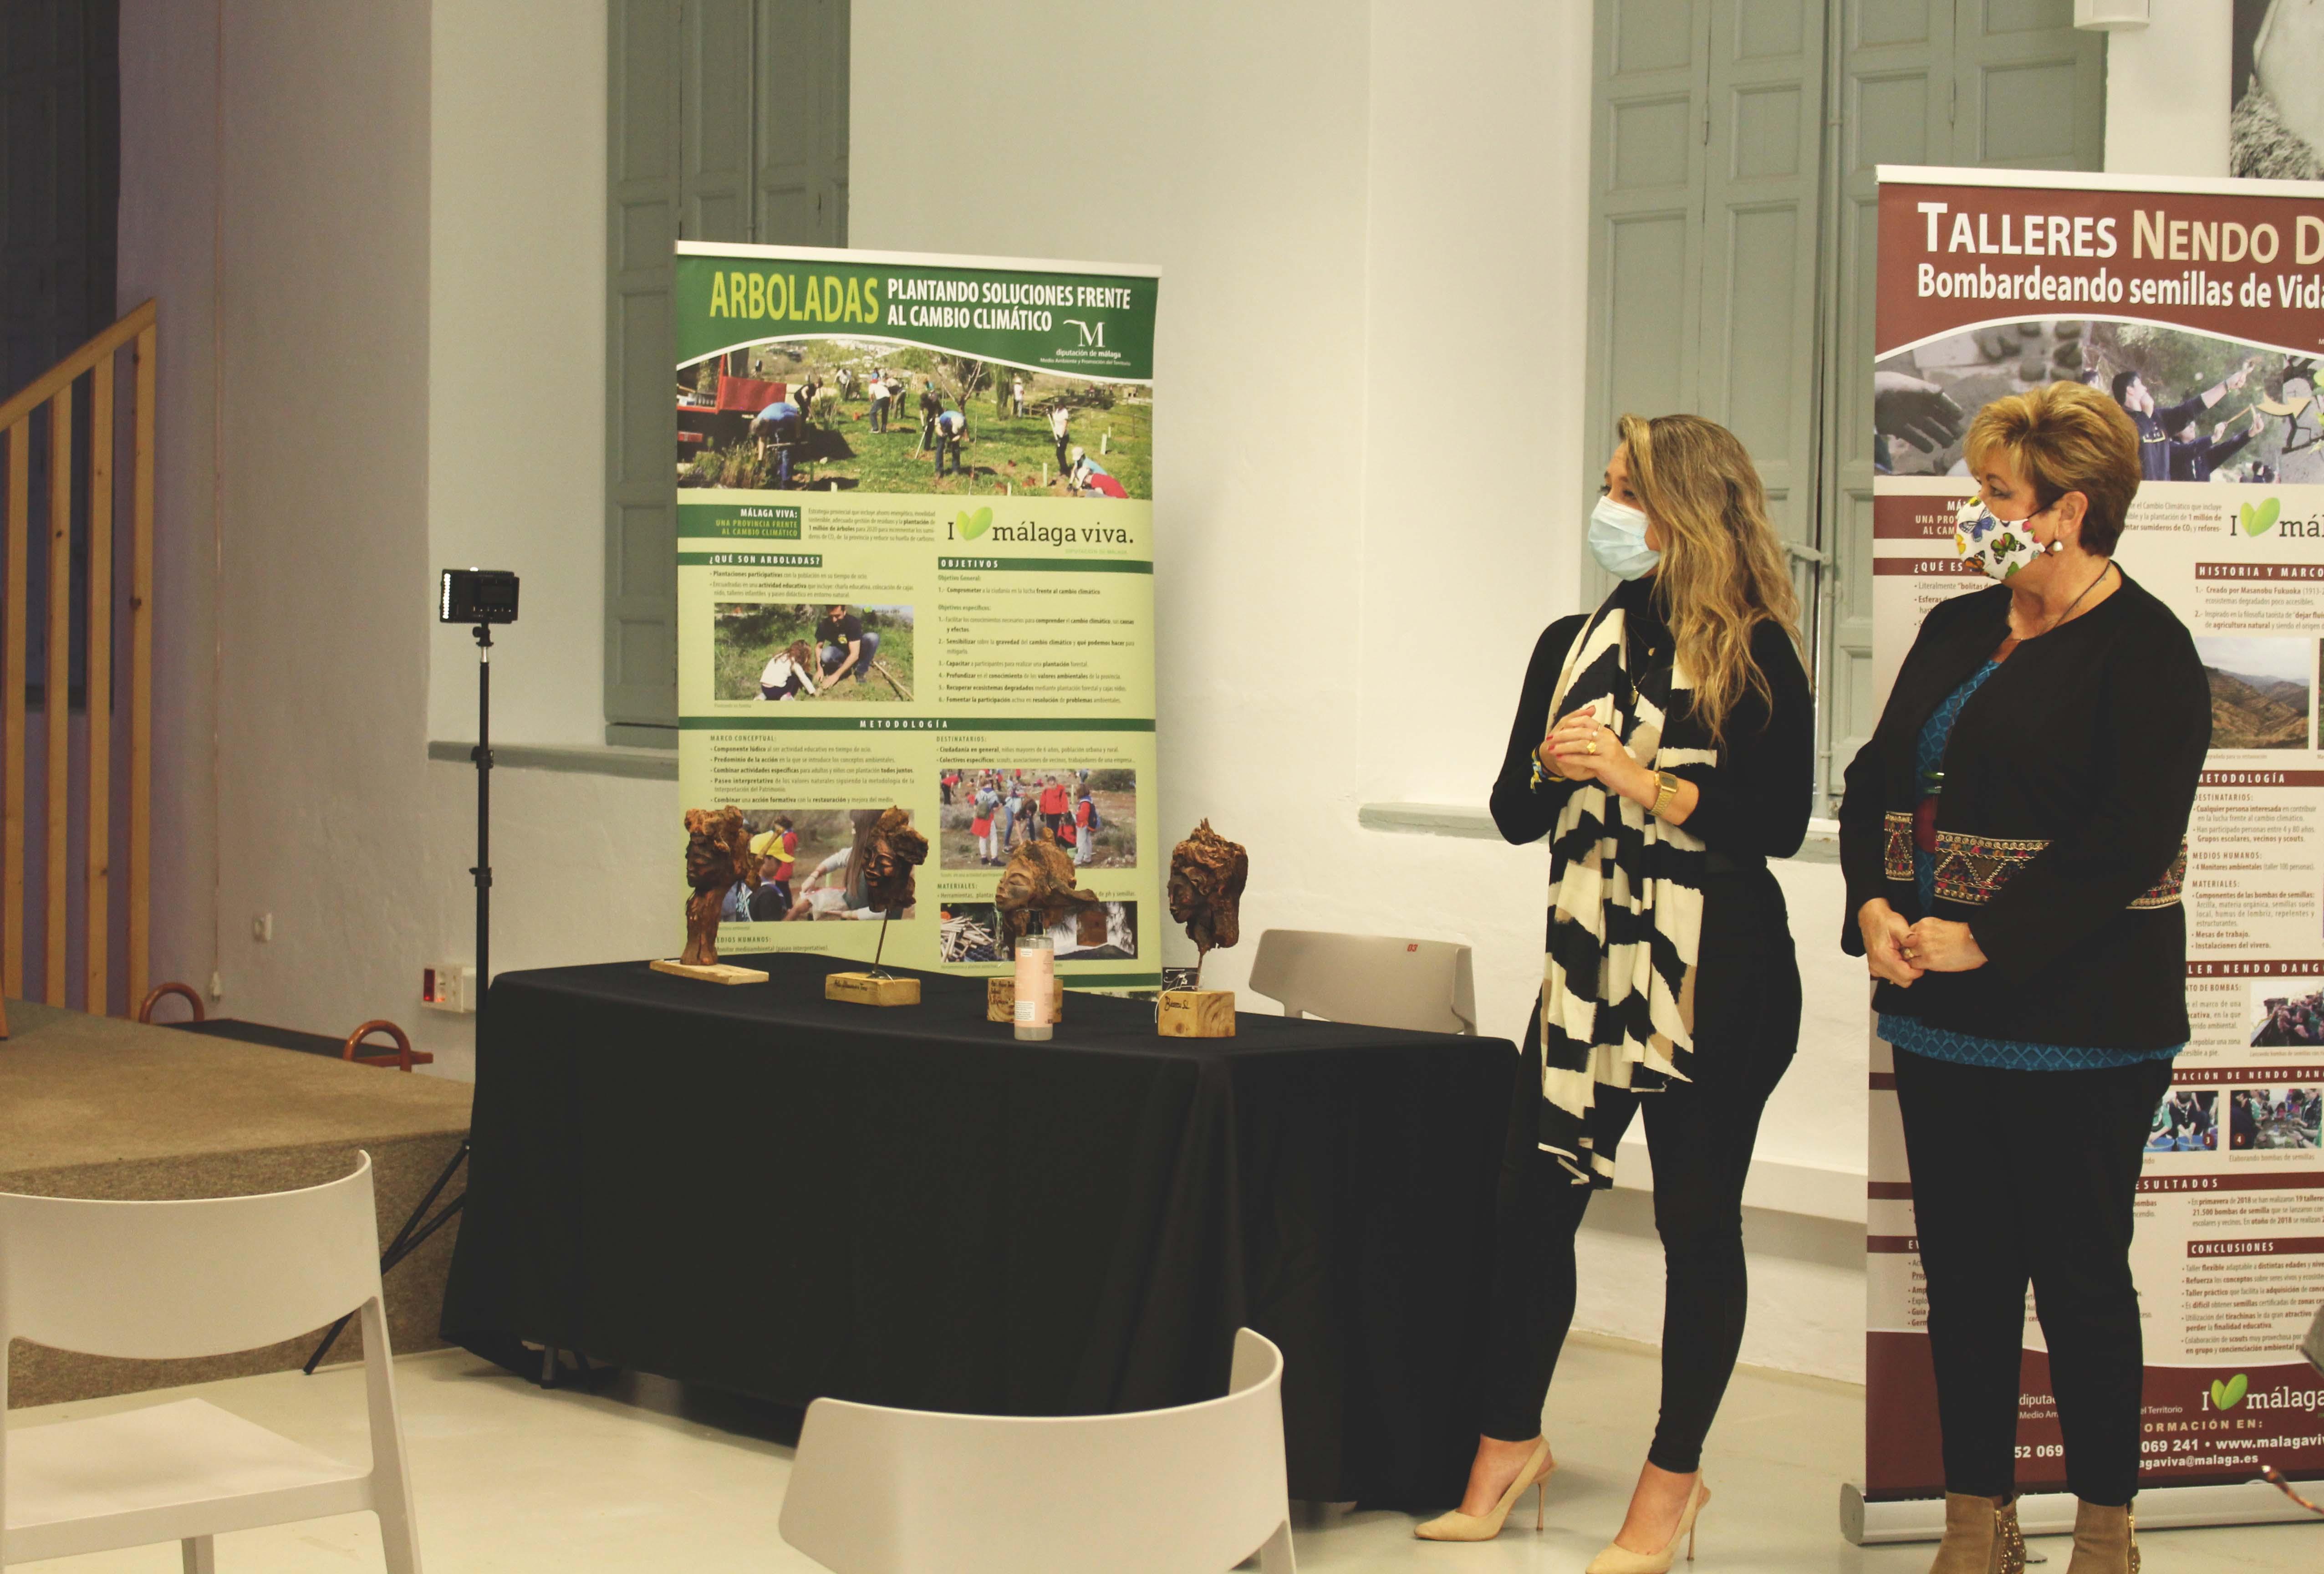 Jéssica Trujillo, concejala de Medio Ambiente del Ayuntamiento de Algarrobo, y Ana Rosa Luque, técnica del área